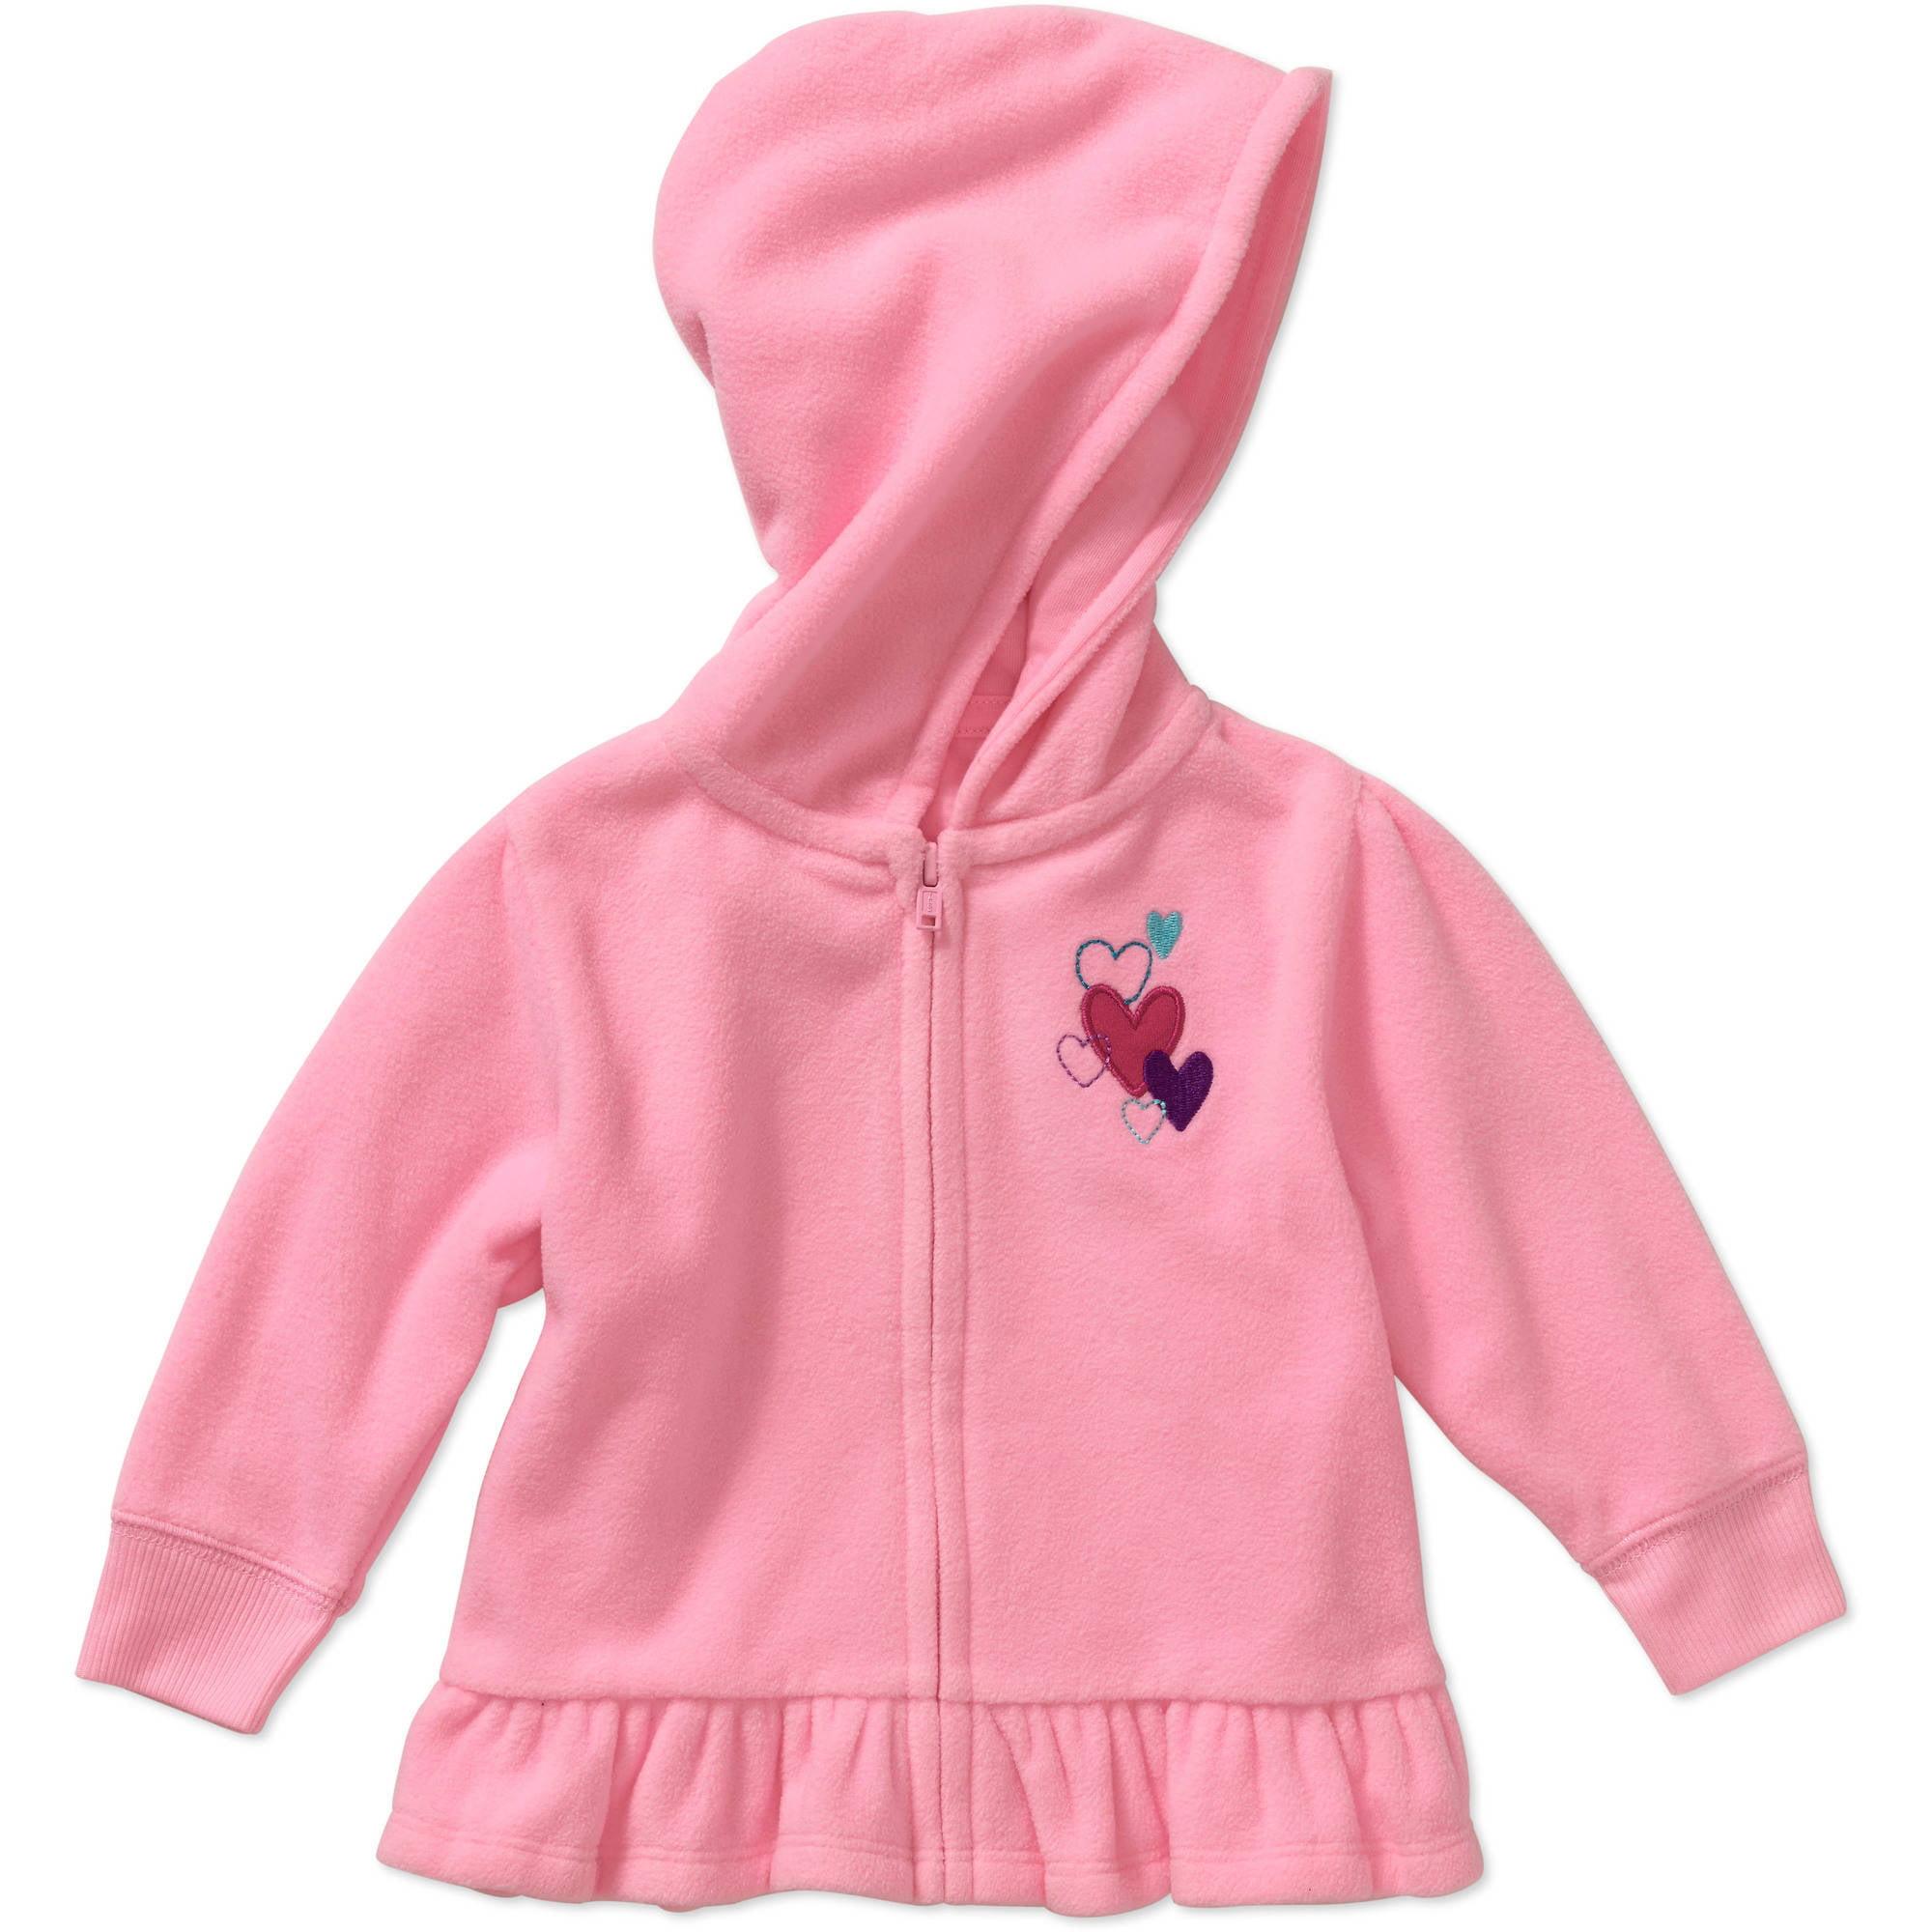 Garanimals Baby Girl Solid Micro Fleece Hoodie